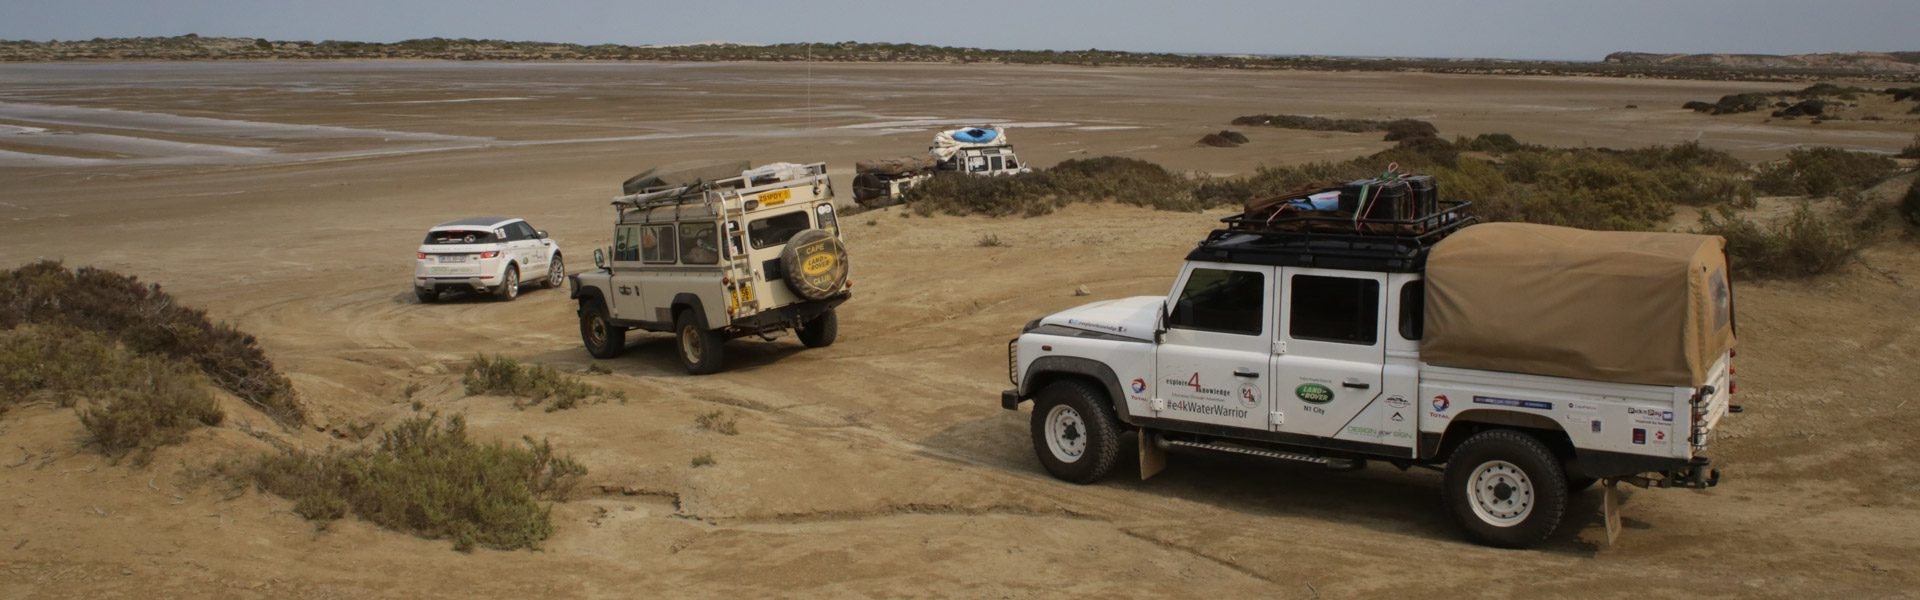 Land Rover Salt Pan 002